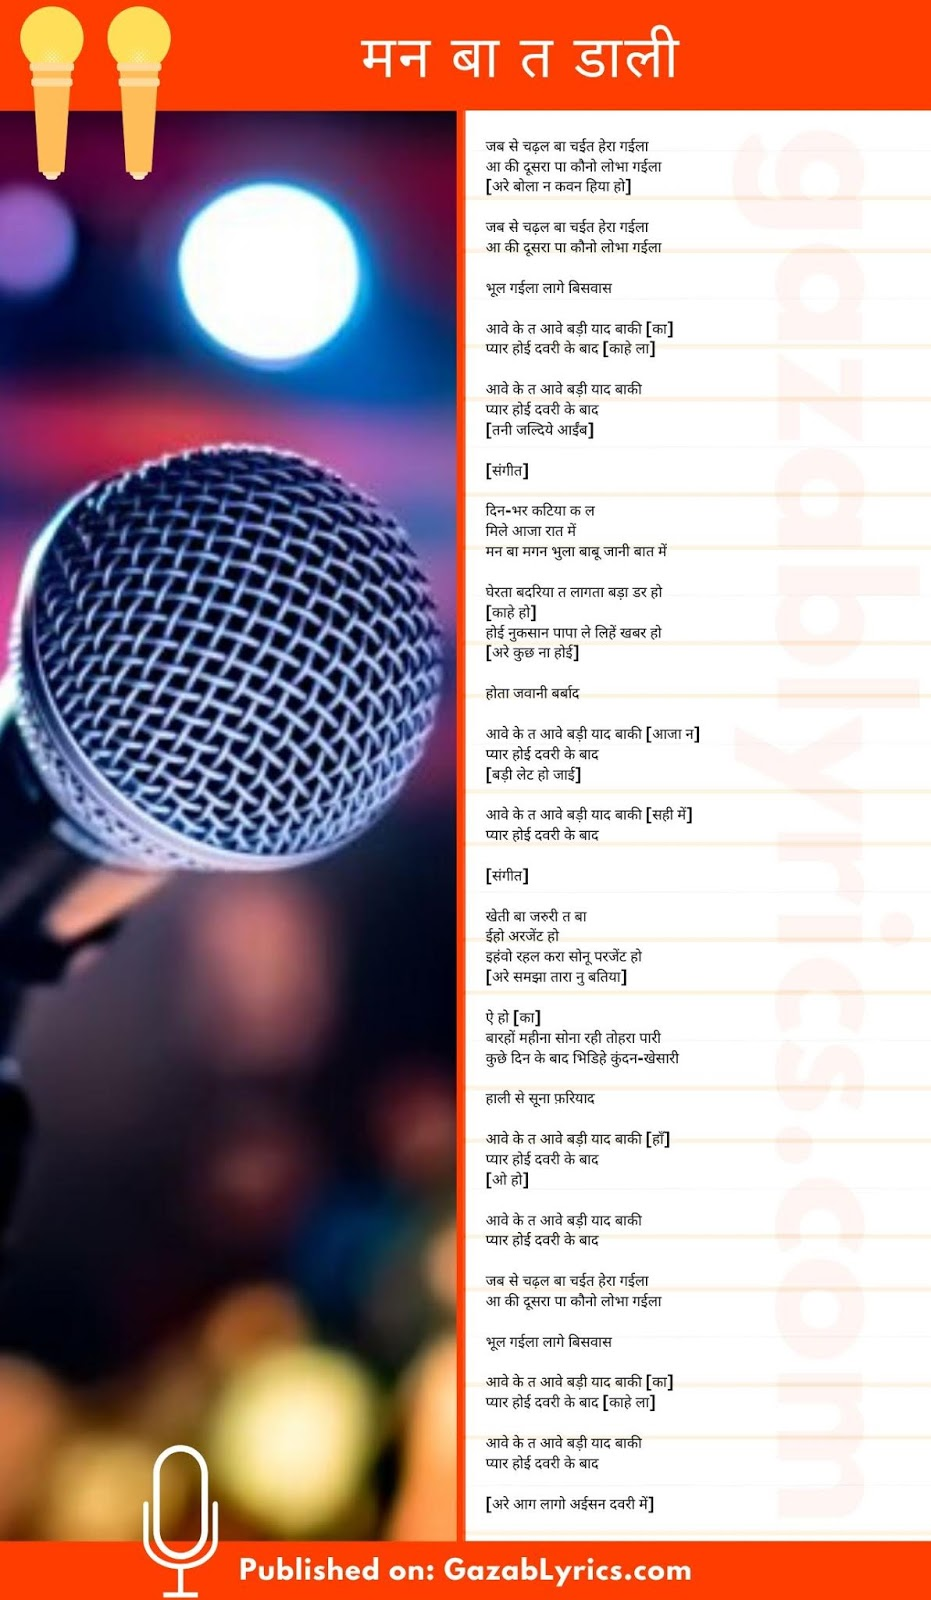 Man Ba Ta Dali song lyrics image